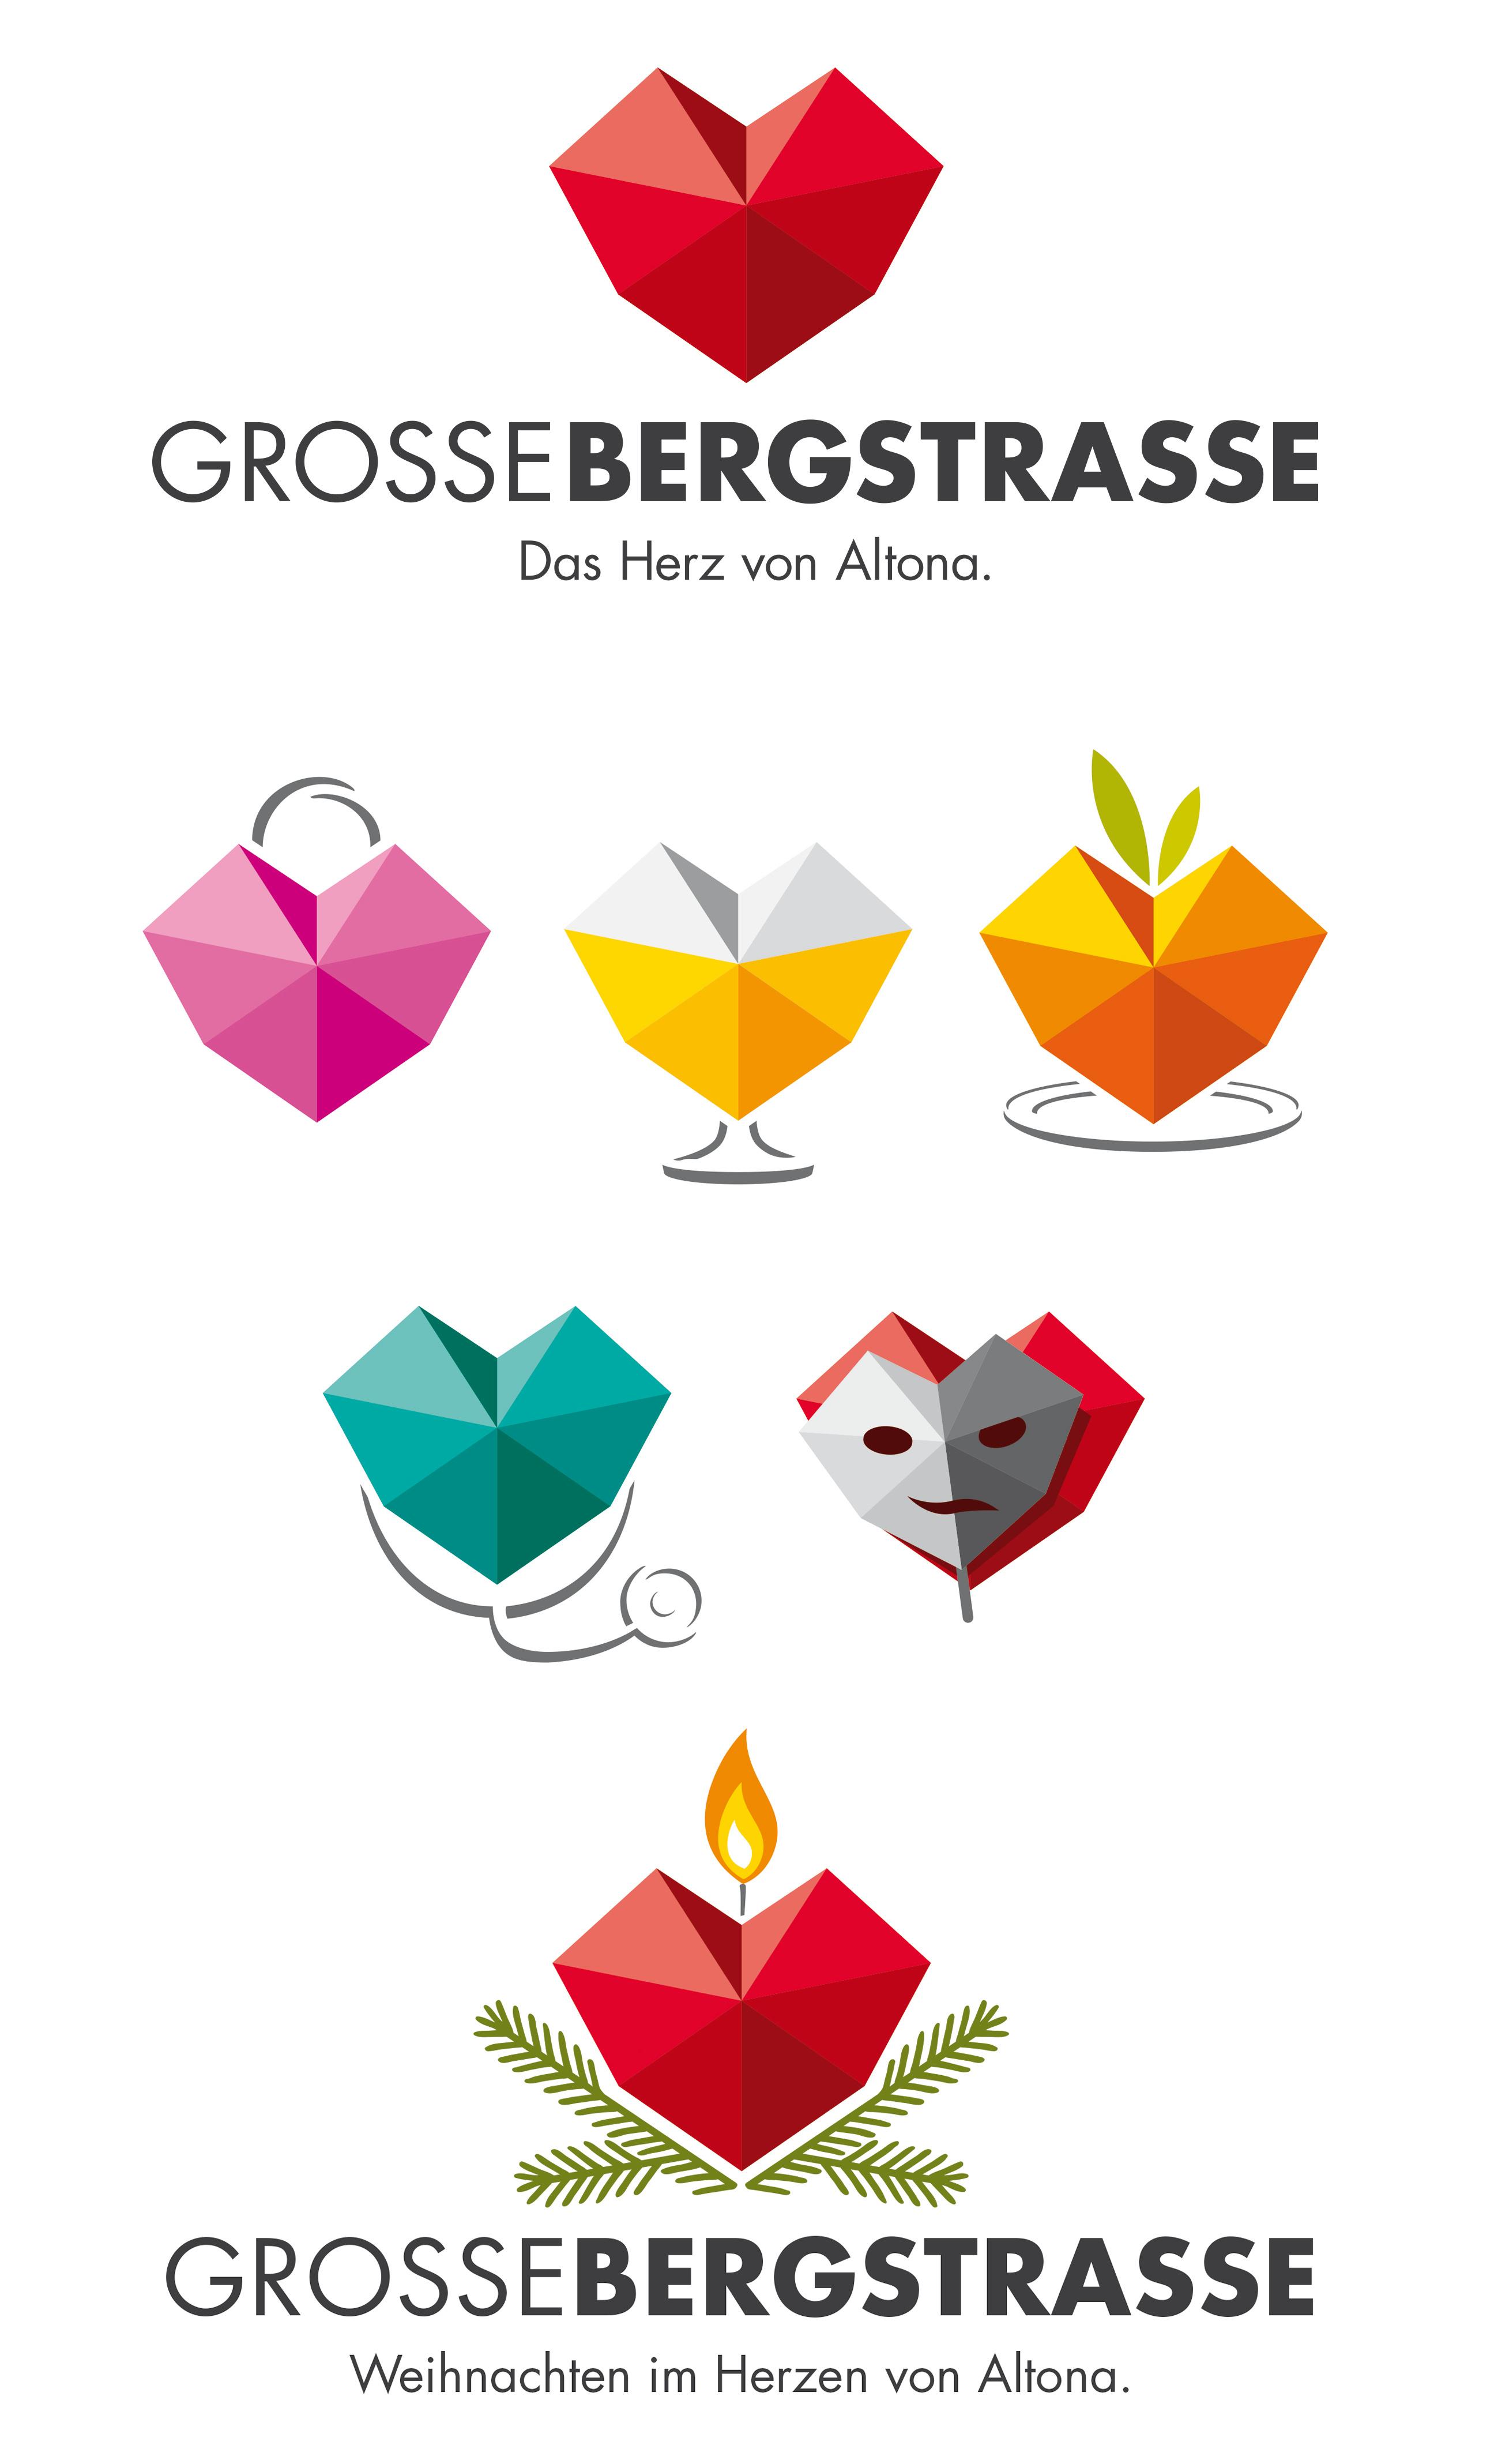 GROSSEBERGSTRASSE